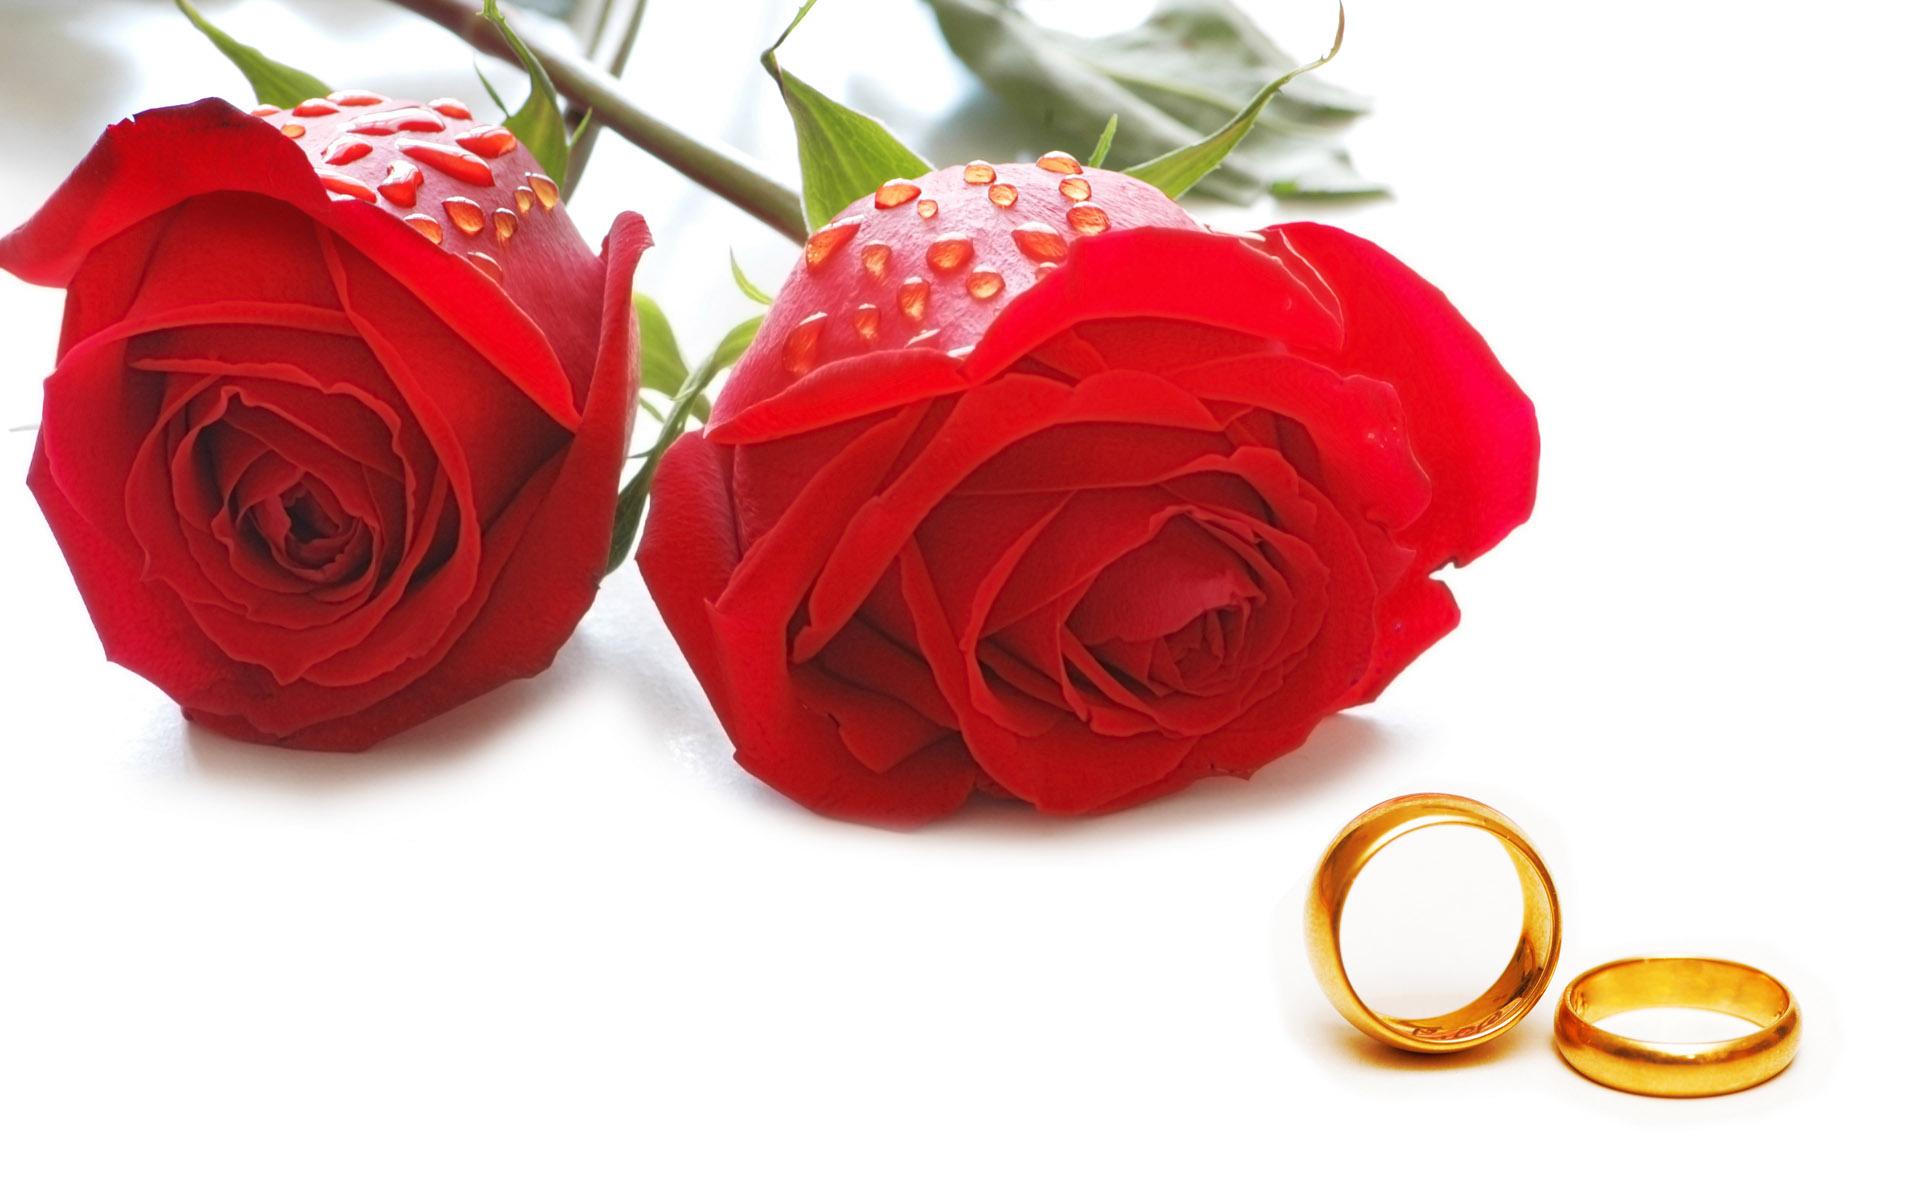 عشق / گل رز قرمز,انواع مختلف عشق